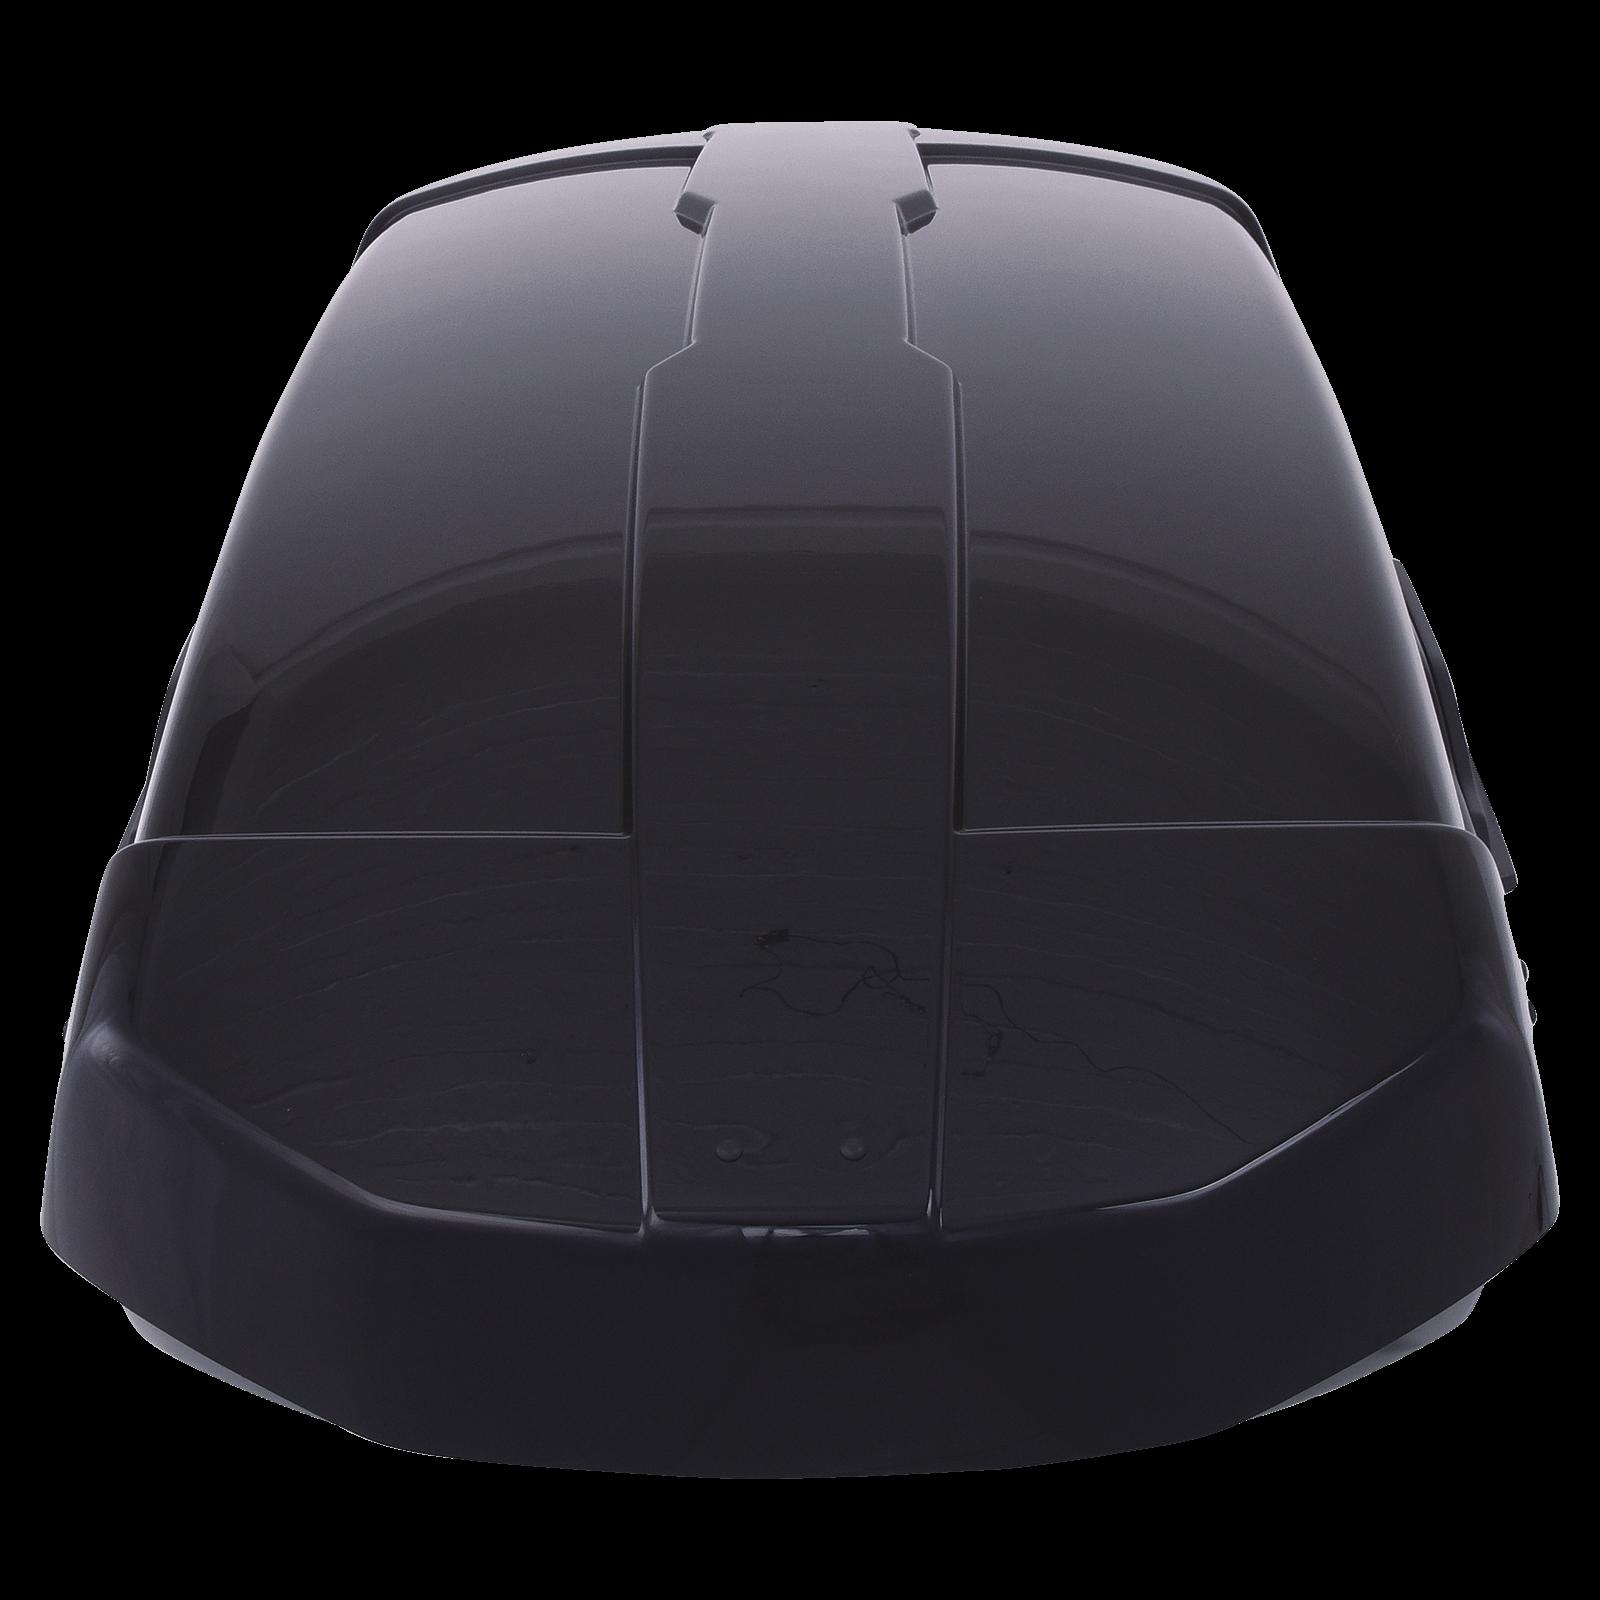 Dachbox Thule Motion XT L Black Glossy - Bild 3